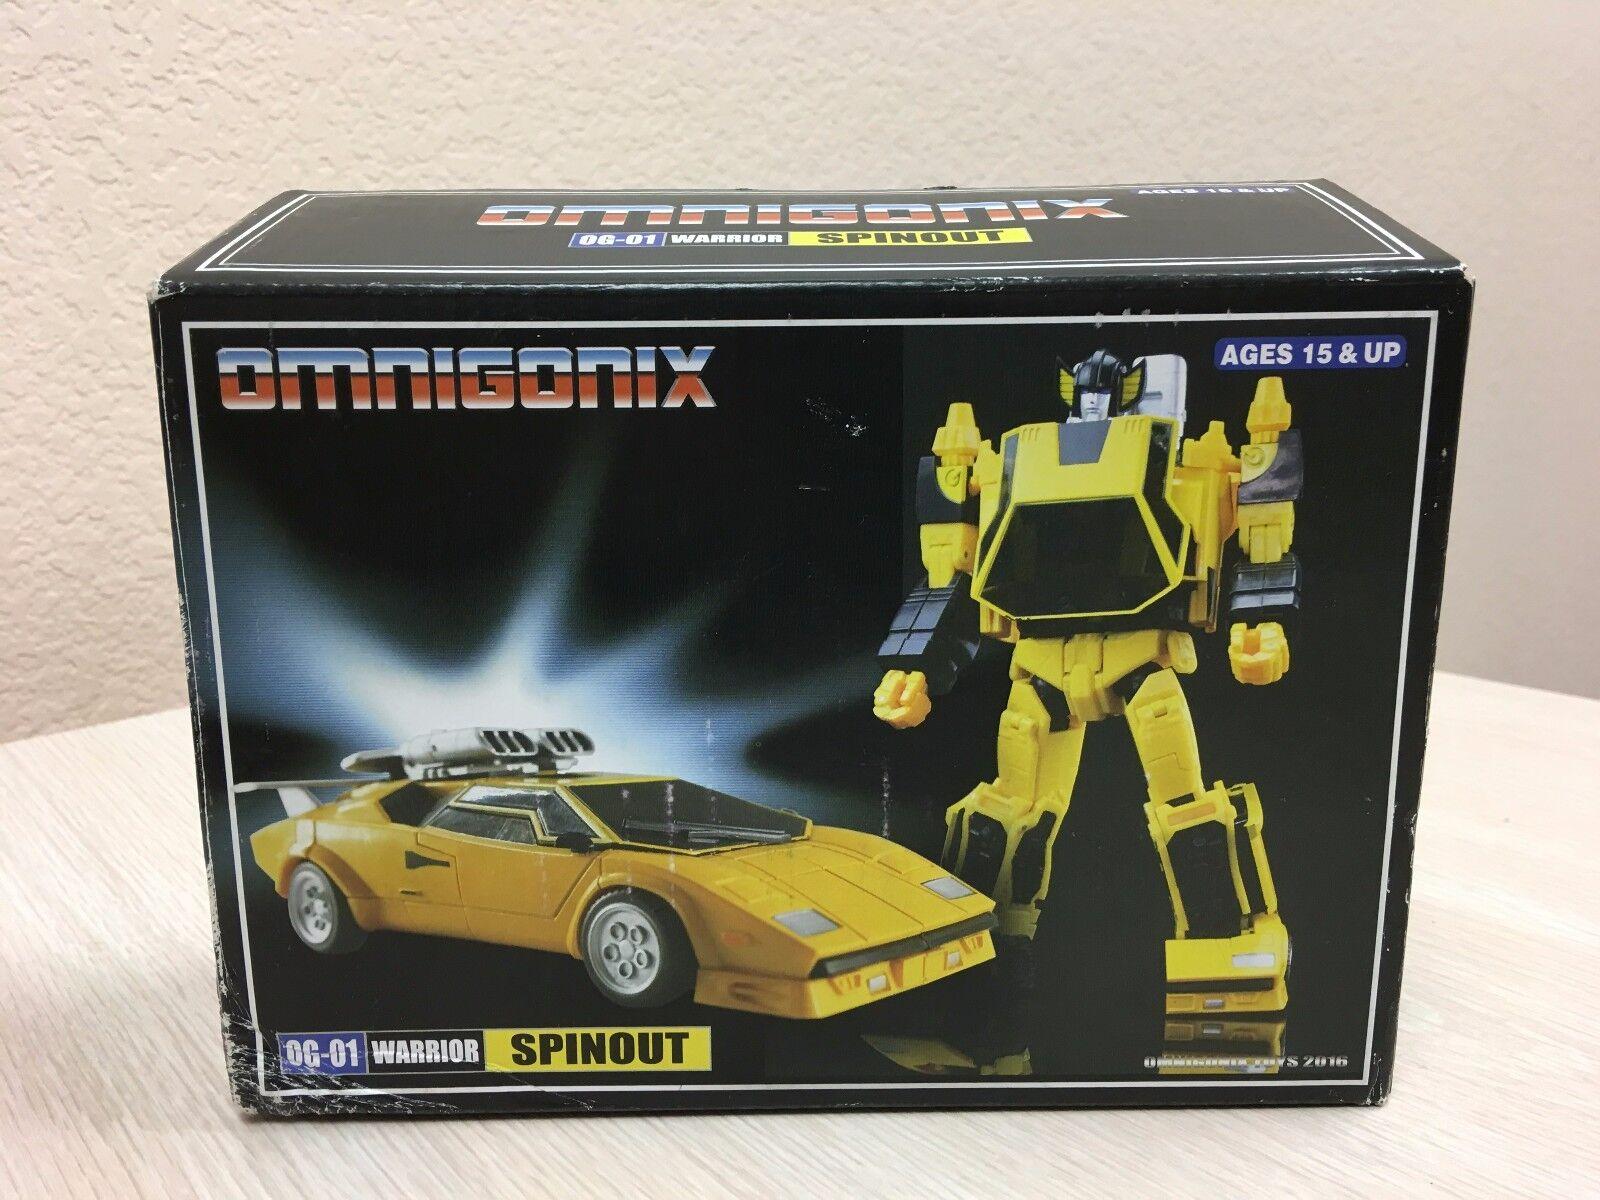 Third 3rd Party Transformers Omnigonix 0G-01 Warrior Spinout Autobot Decepticon